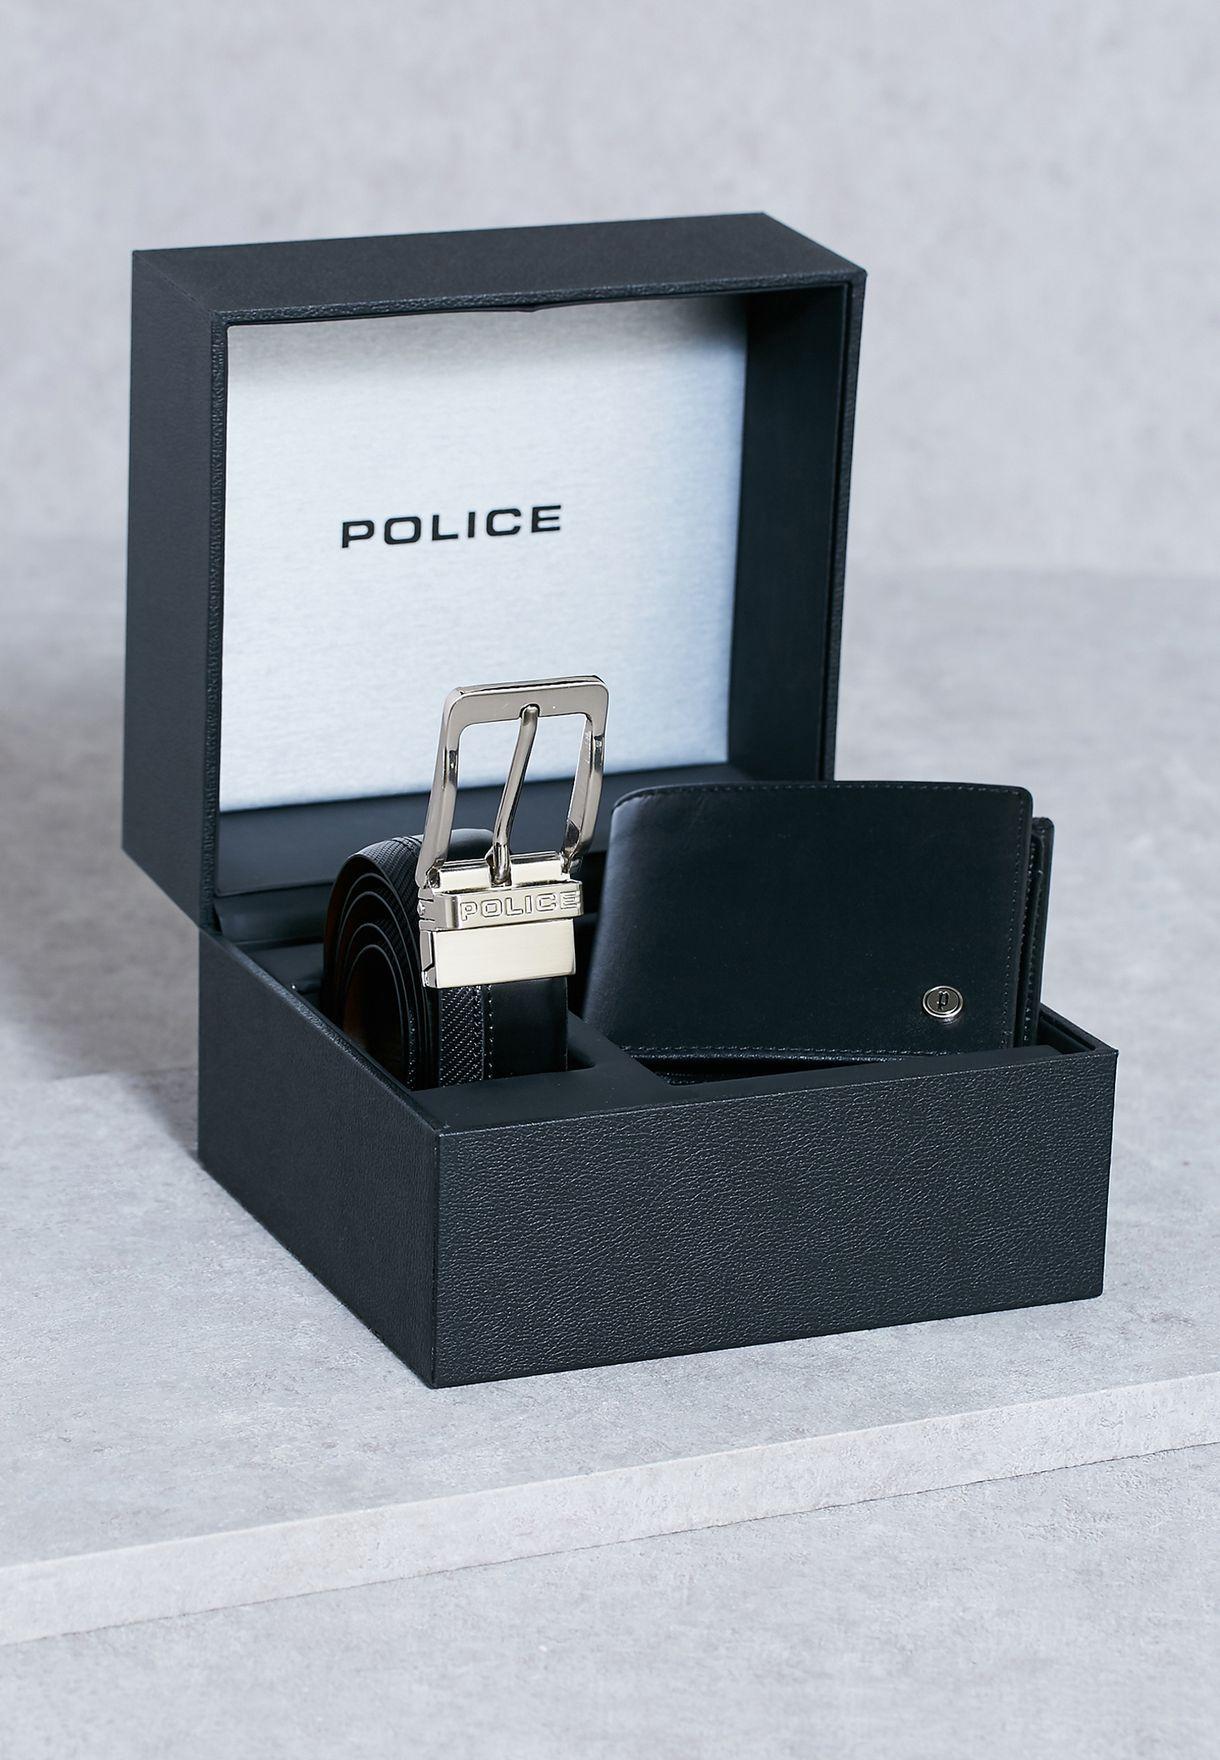 bcda71867 تسوق طقم (محفظة + حزام) ماركة بوليس لون أسود PA30116SLB/97 في ...